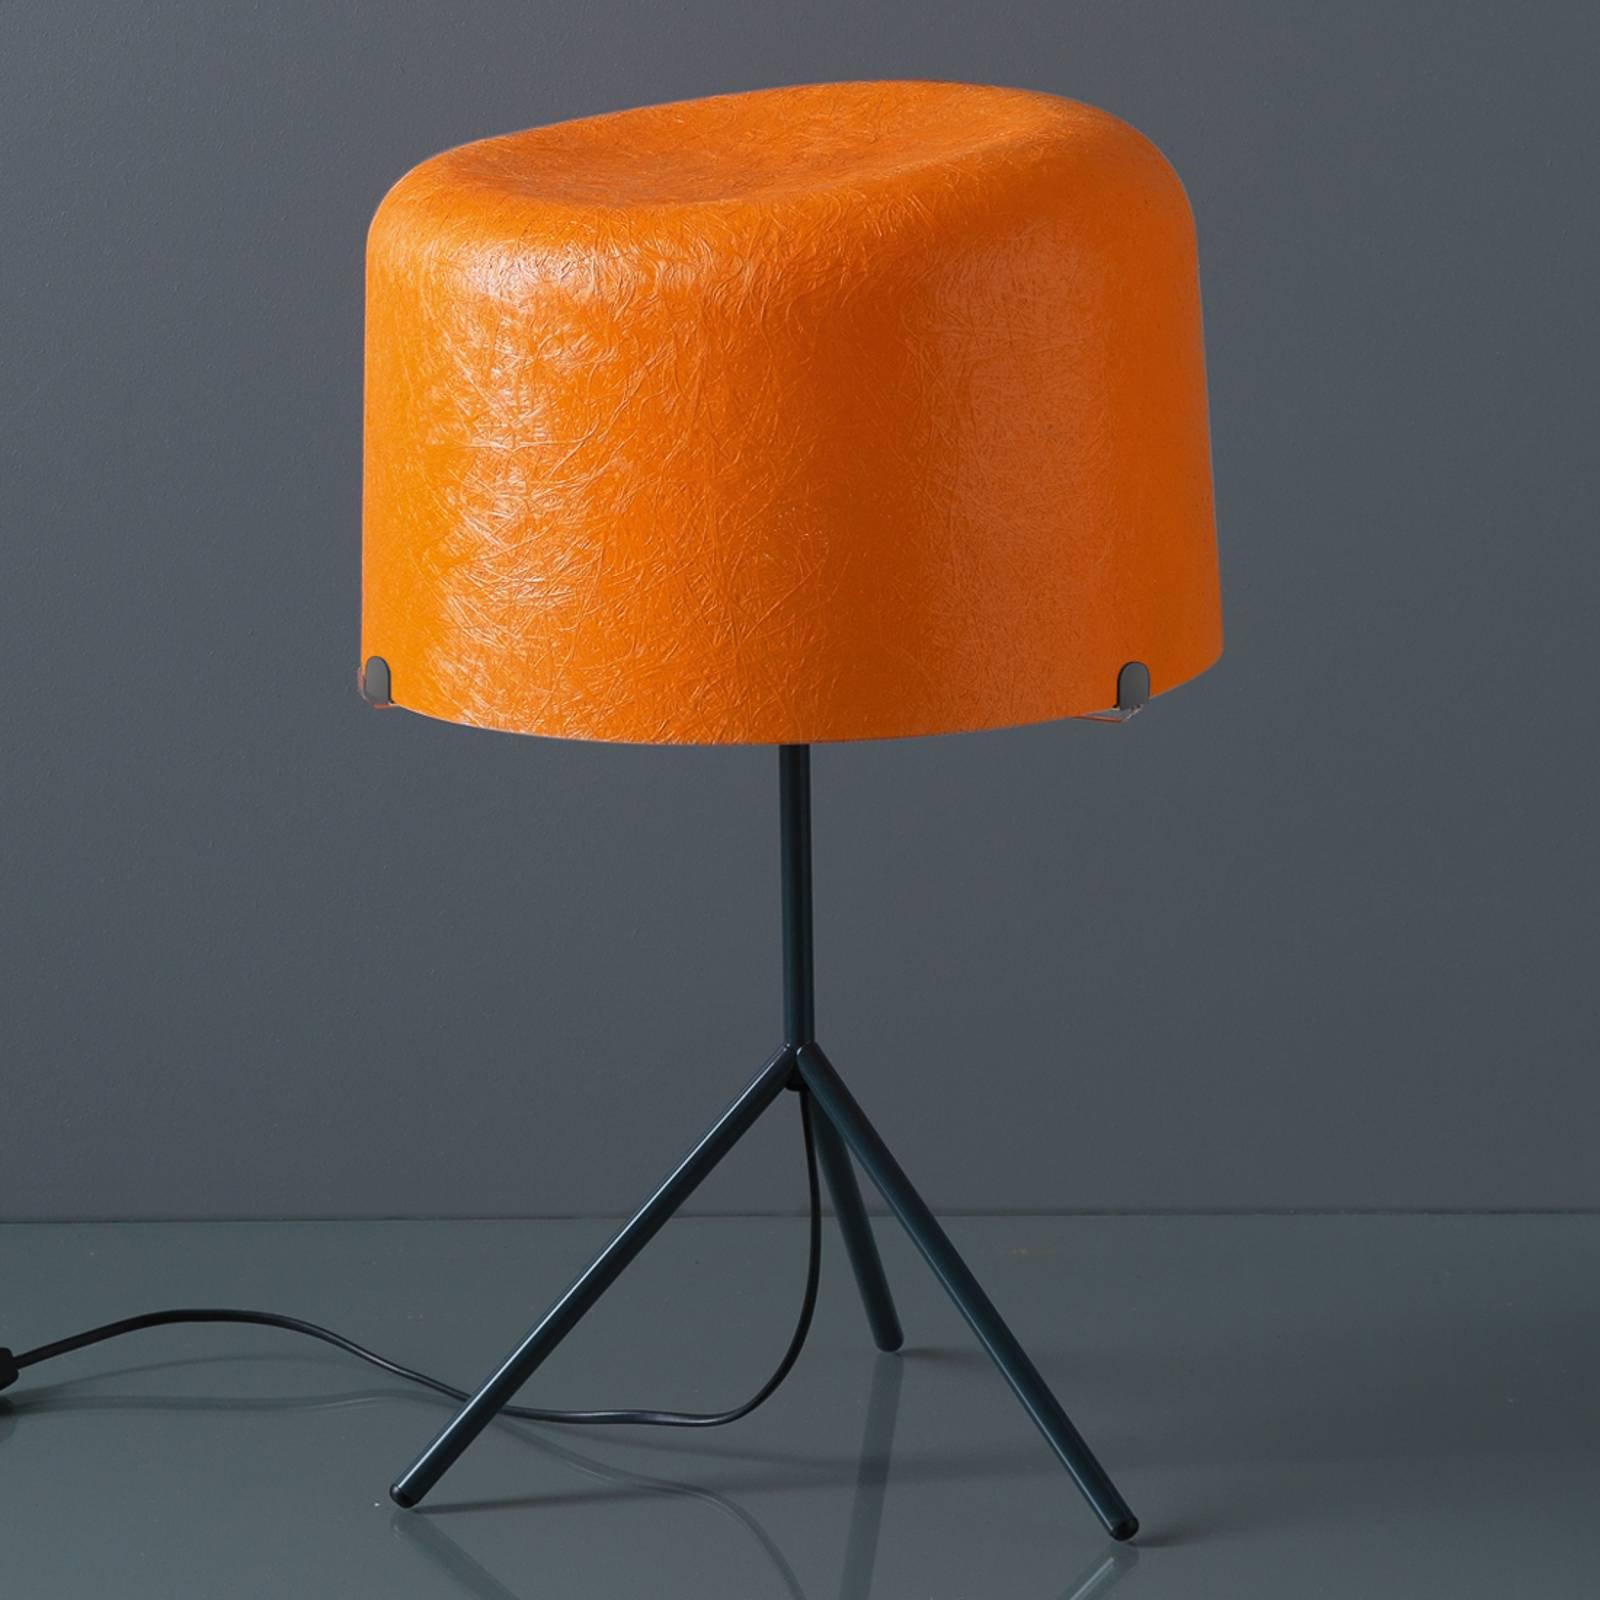 Bordlampe Ola av glassfiber, oransje, 53 cm høy